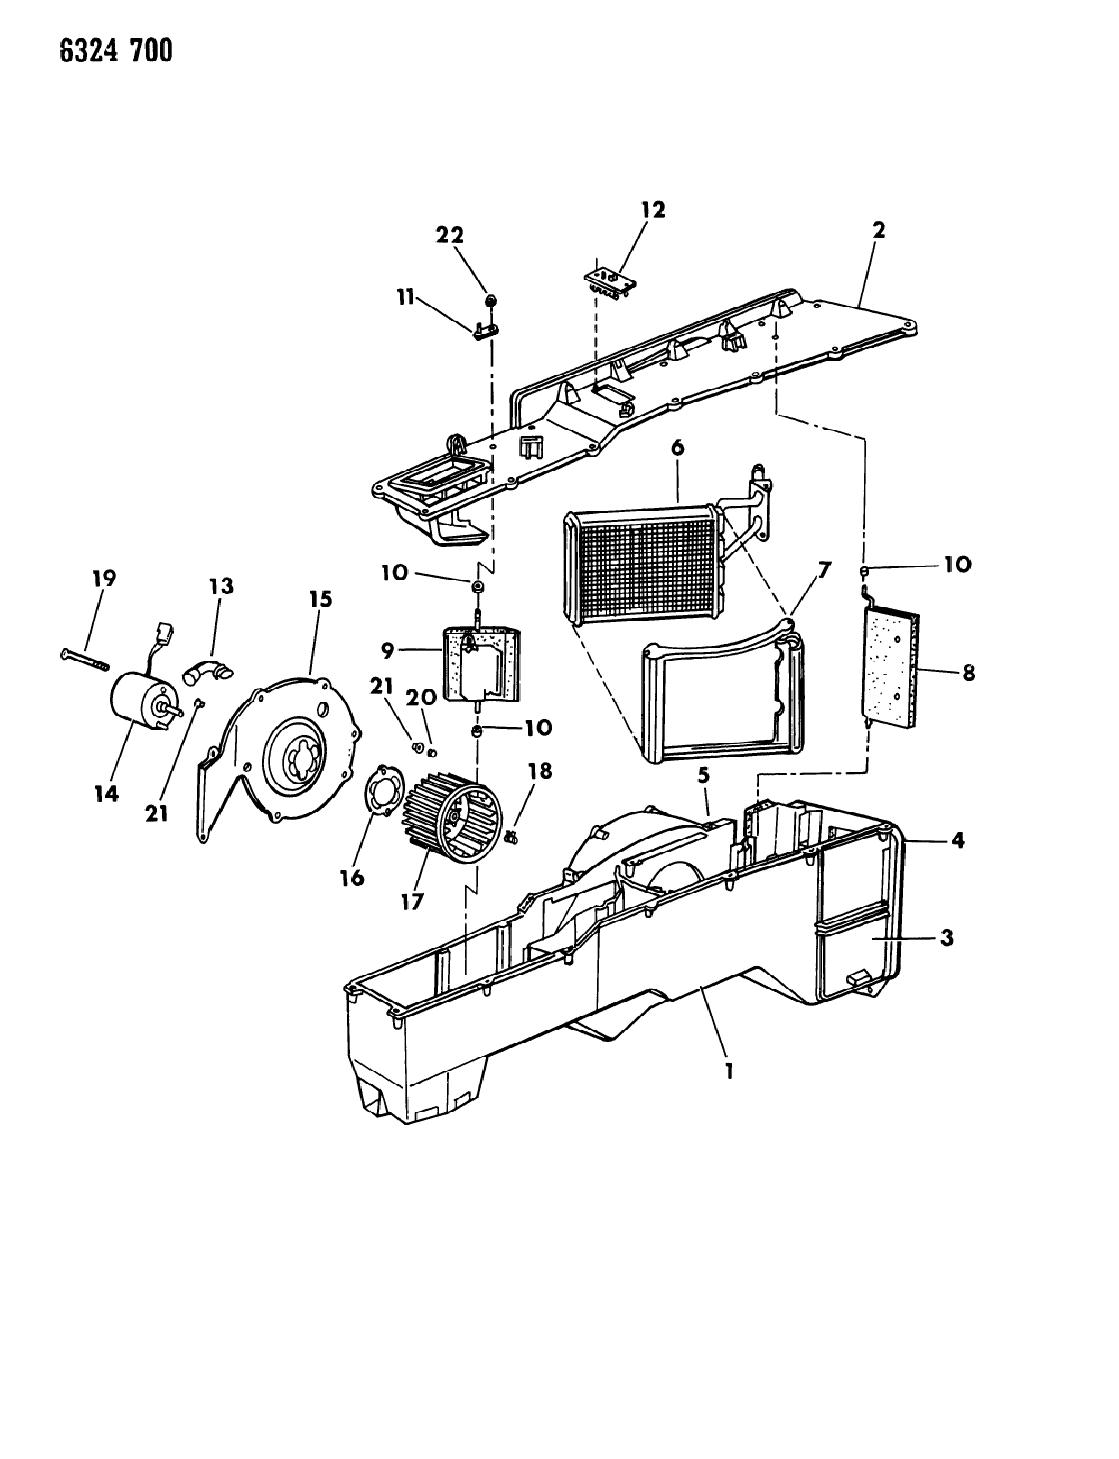 1987 dodge d150 heater unit